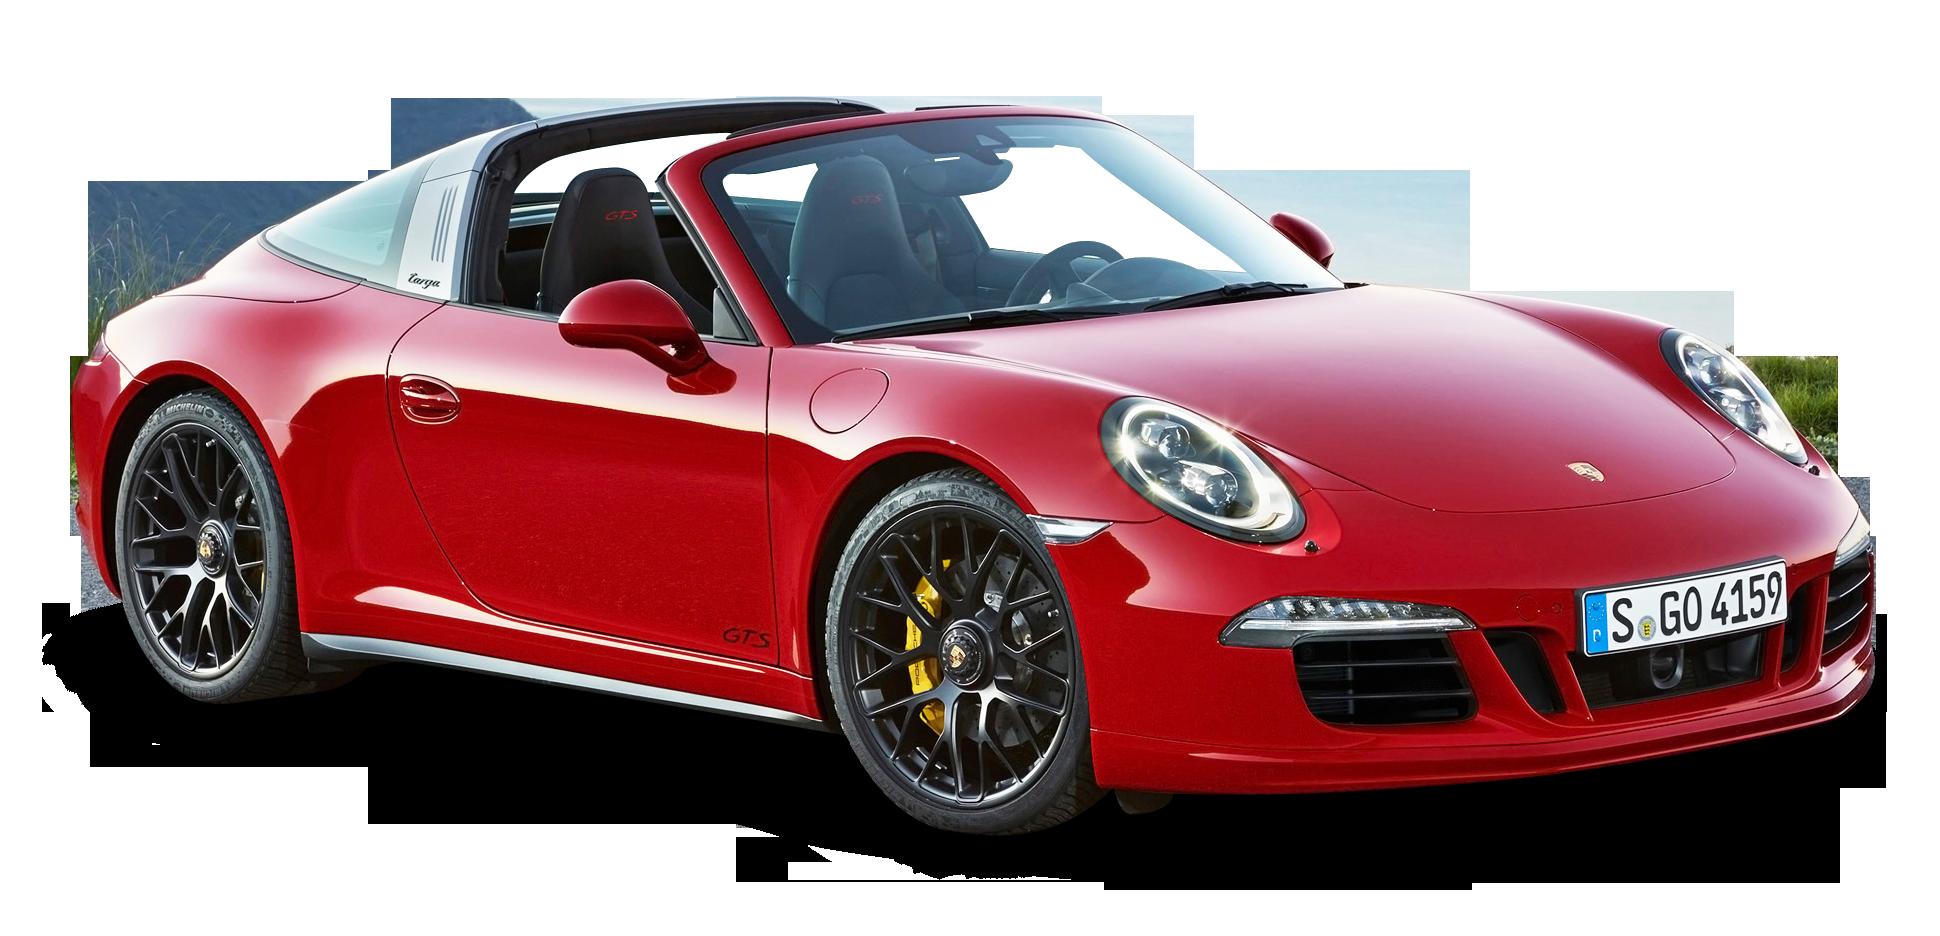 Red Porsche 911 Targa 4 Gts Car Png Image Porsche 911 Targa Porsche Porsche 911